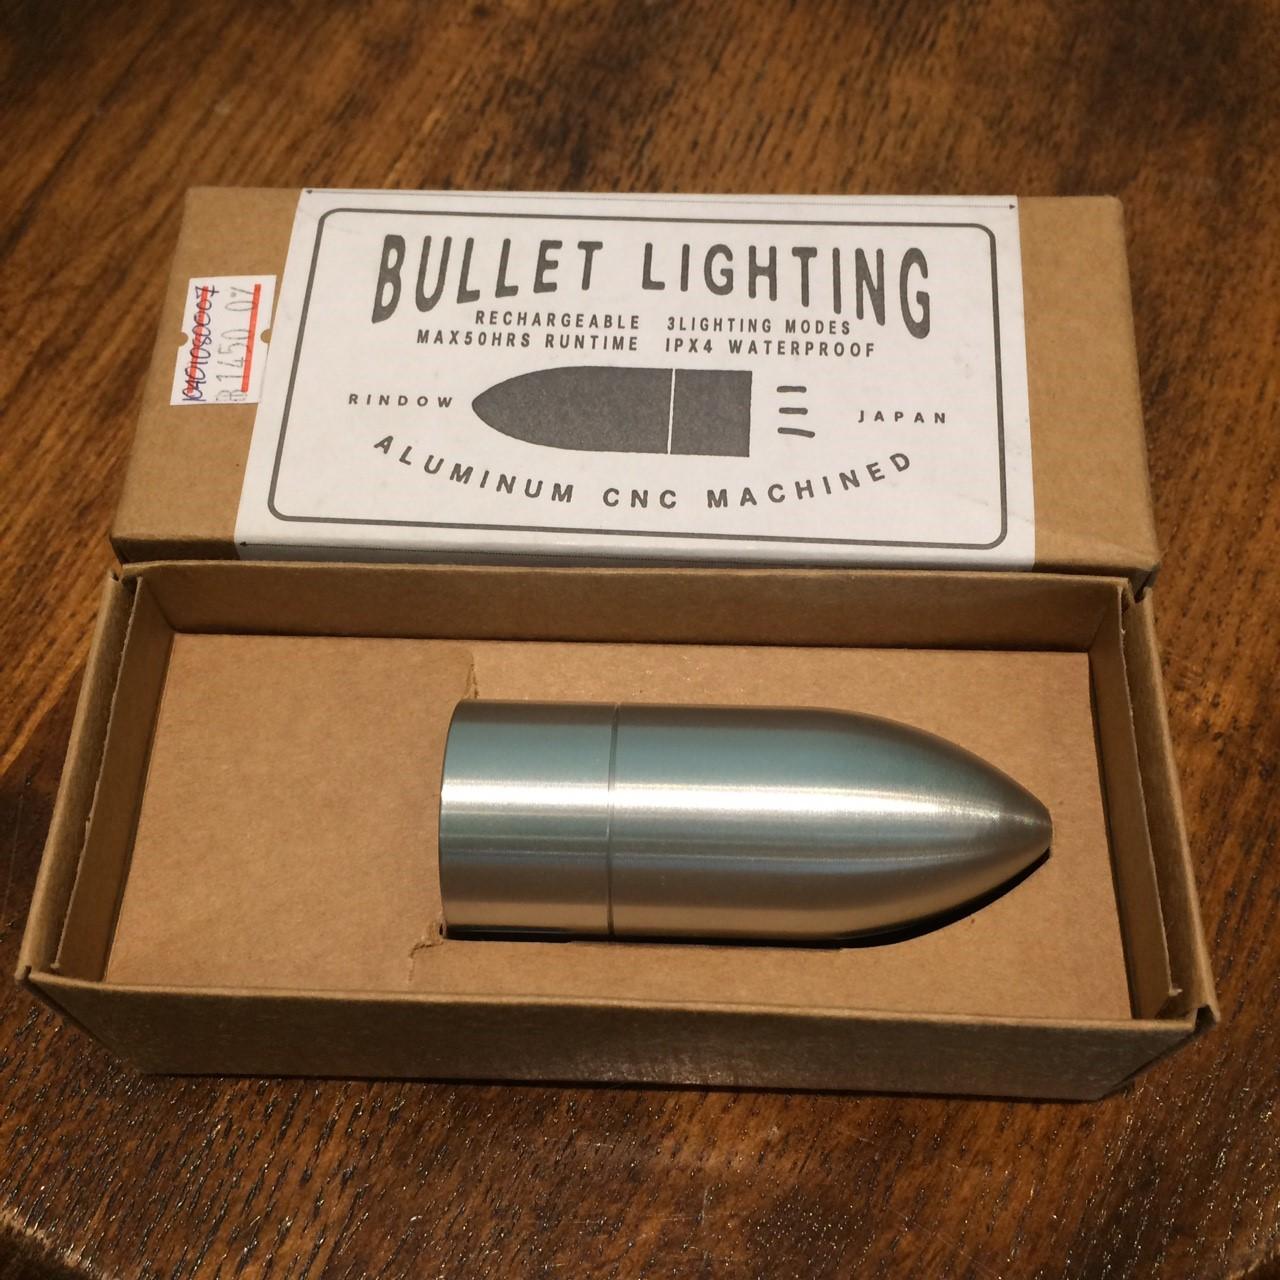 ฺ๊BULLET LIGHTING